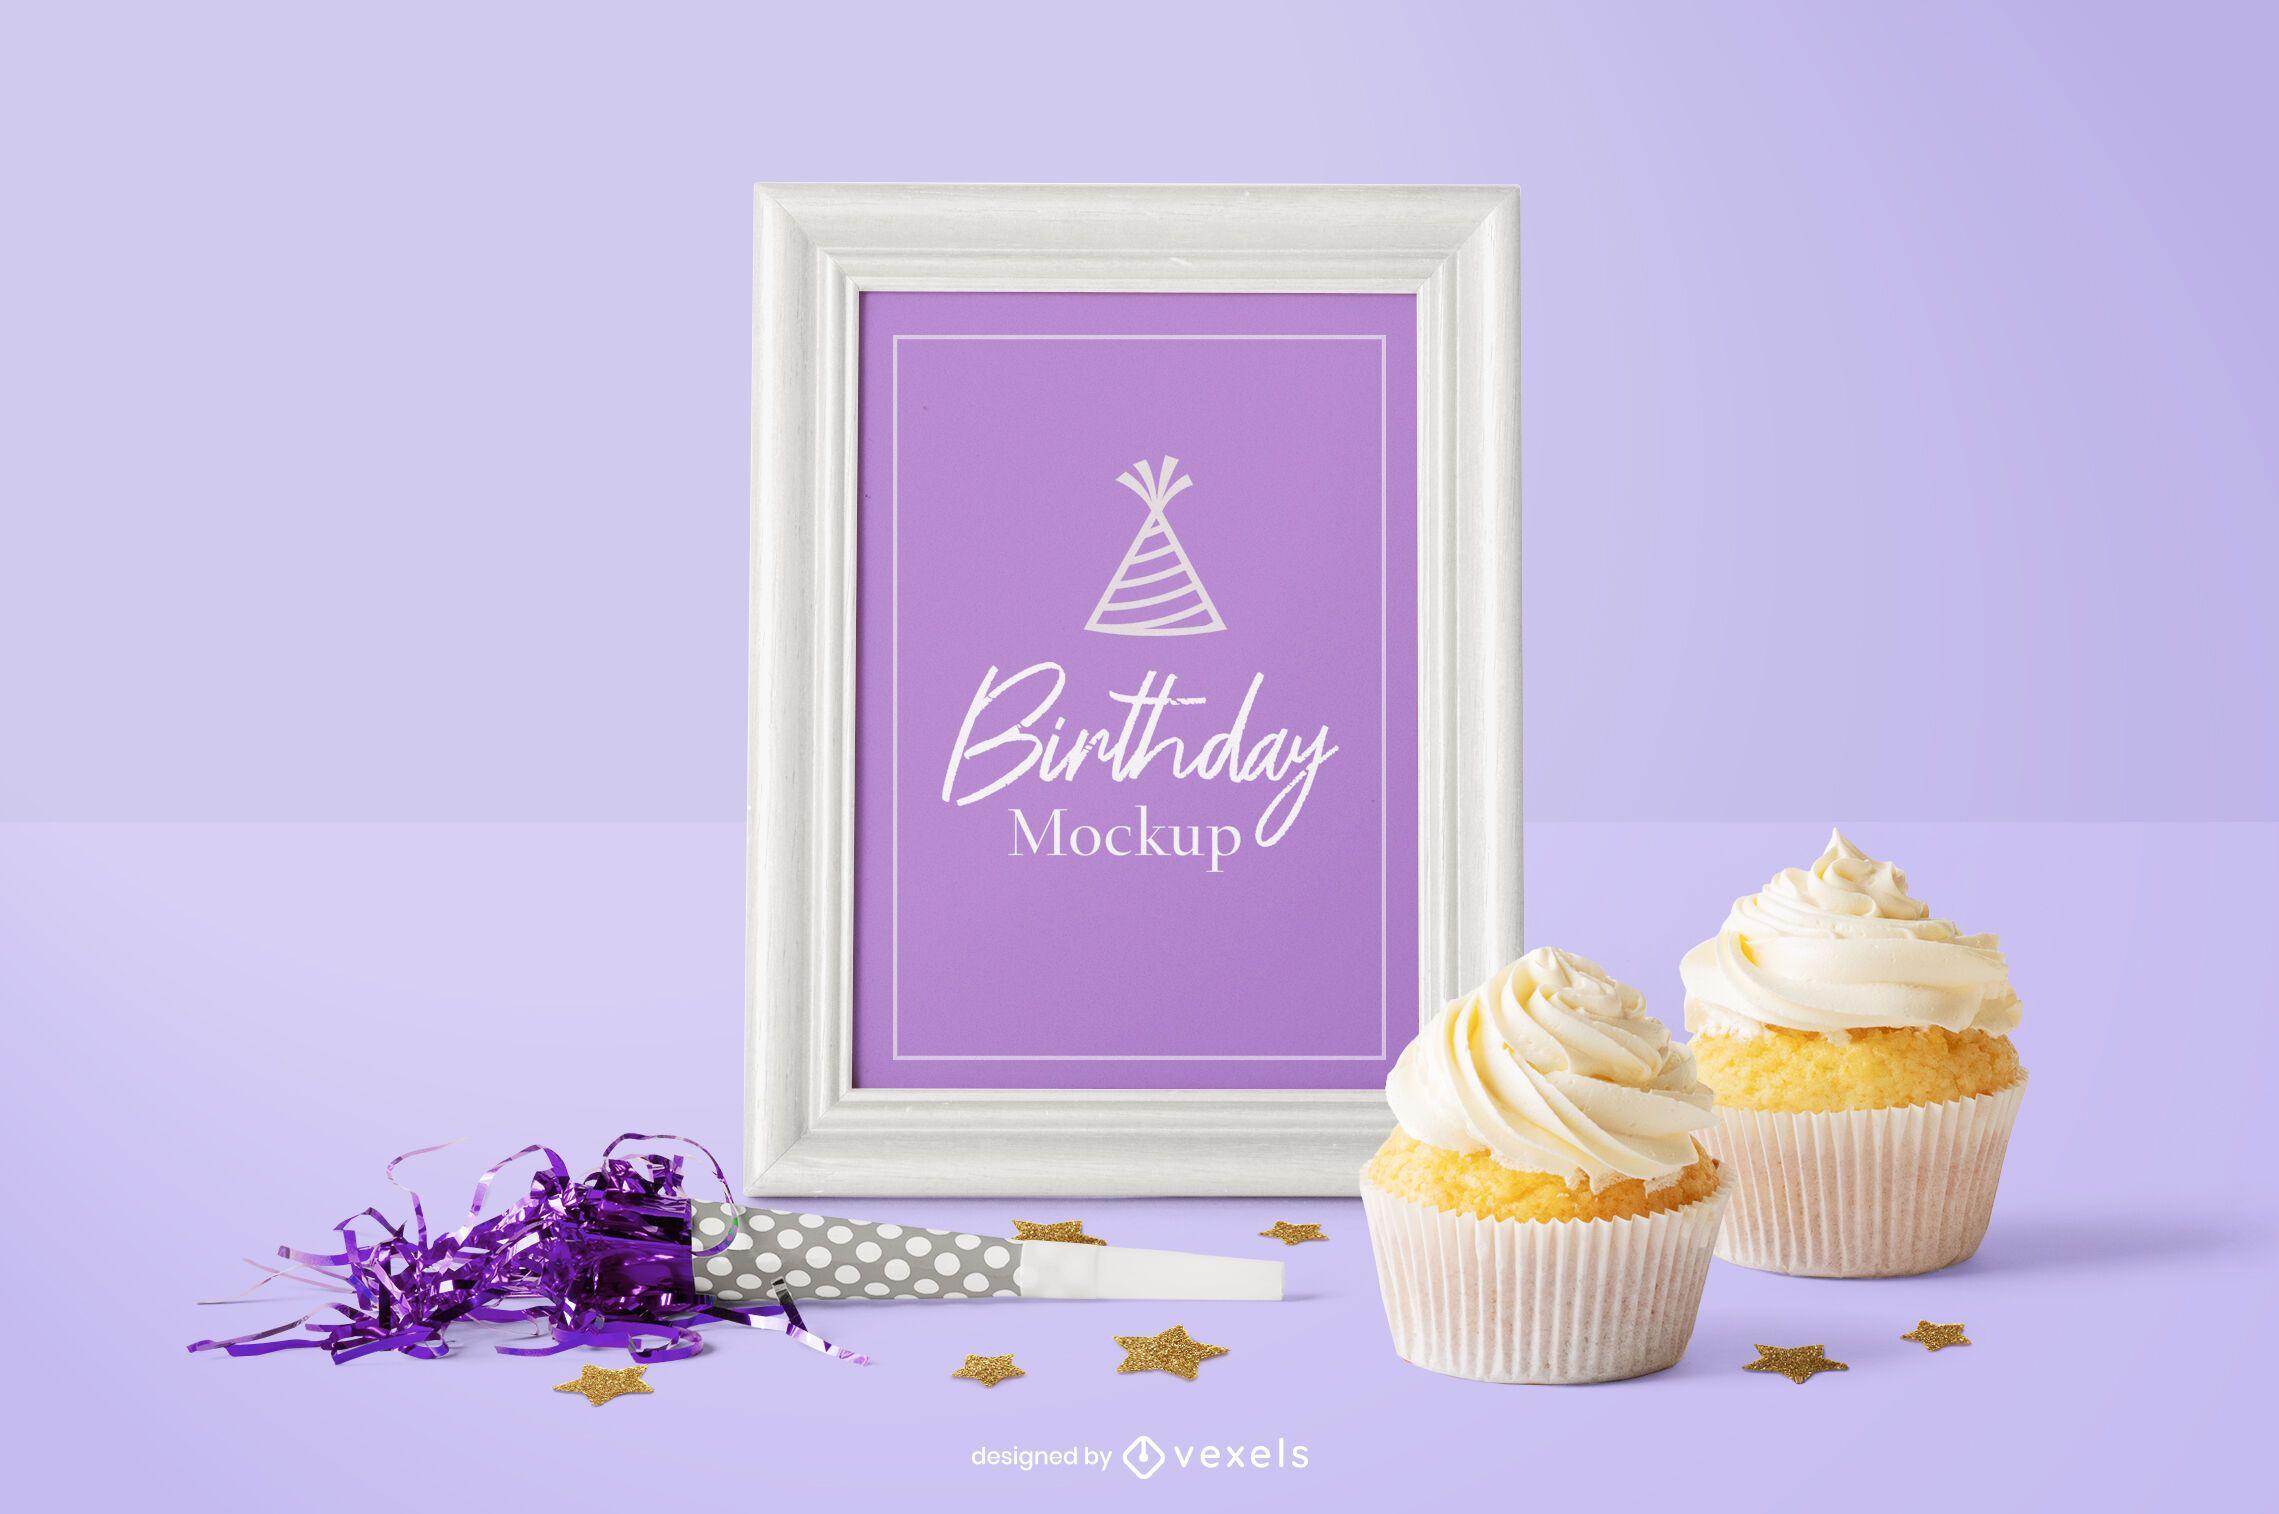 Composición de maqueta psd de marco de cumpleaños